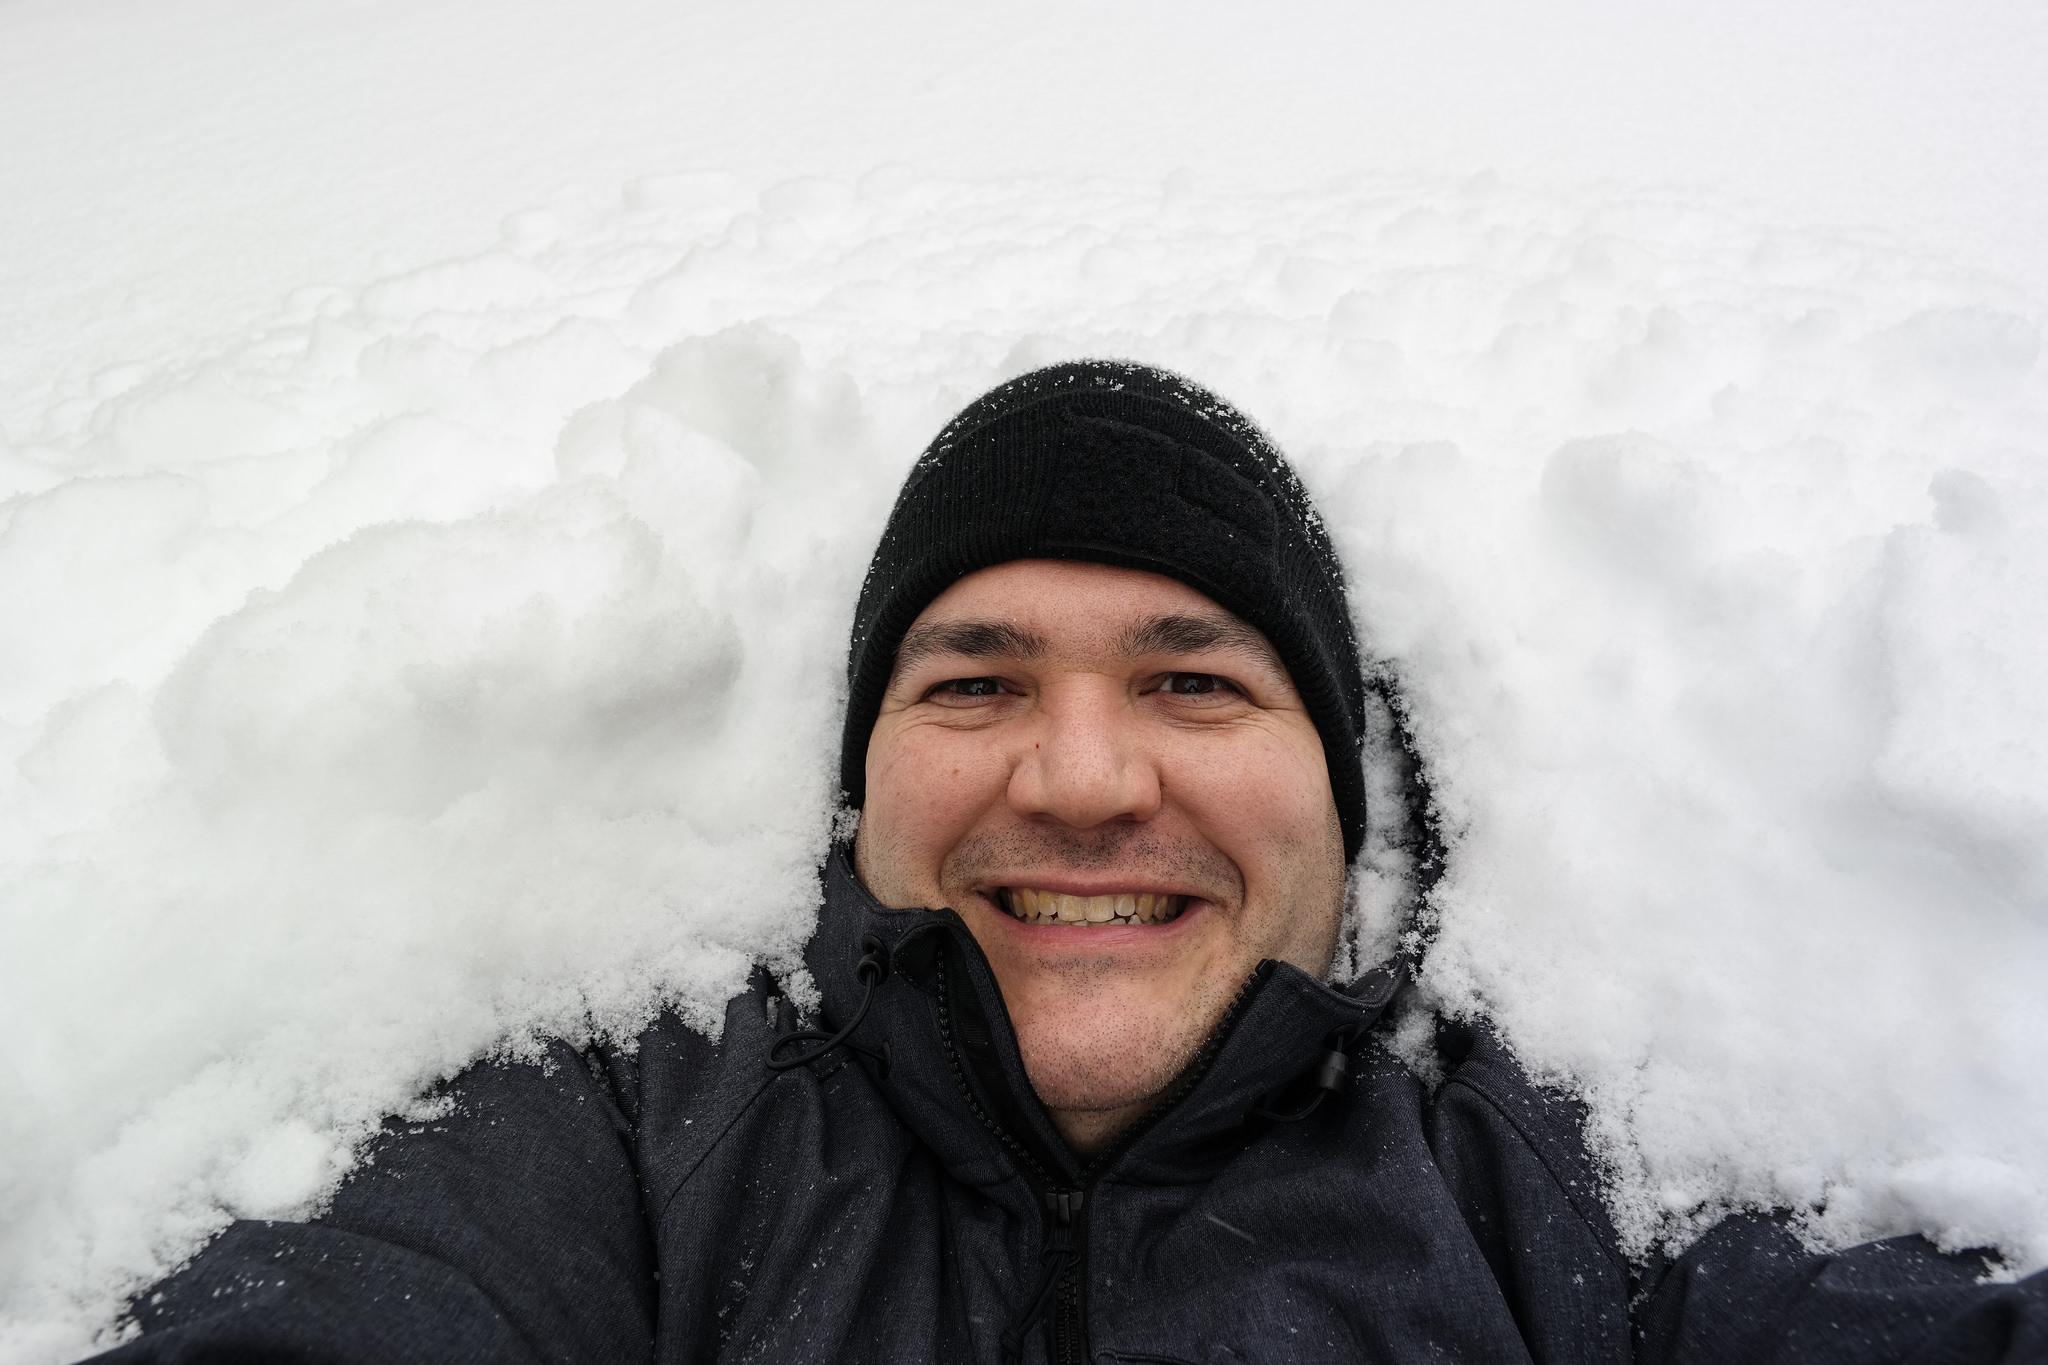 snowy-selfie